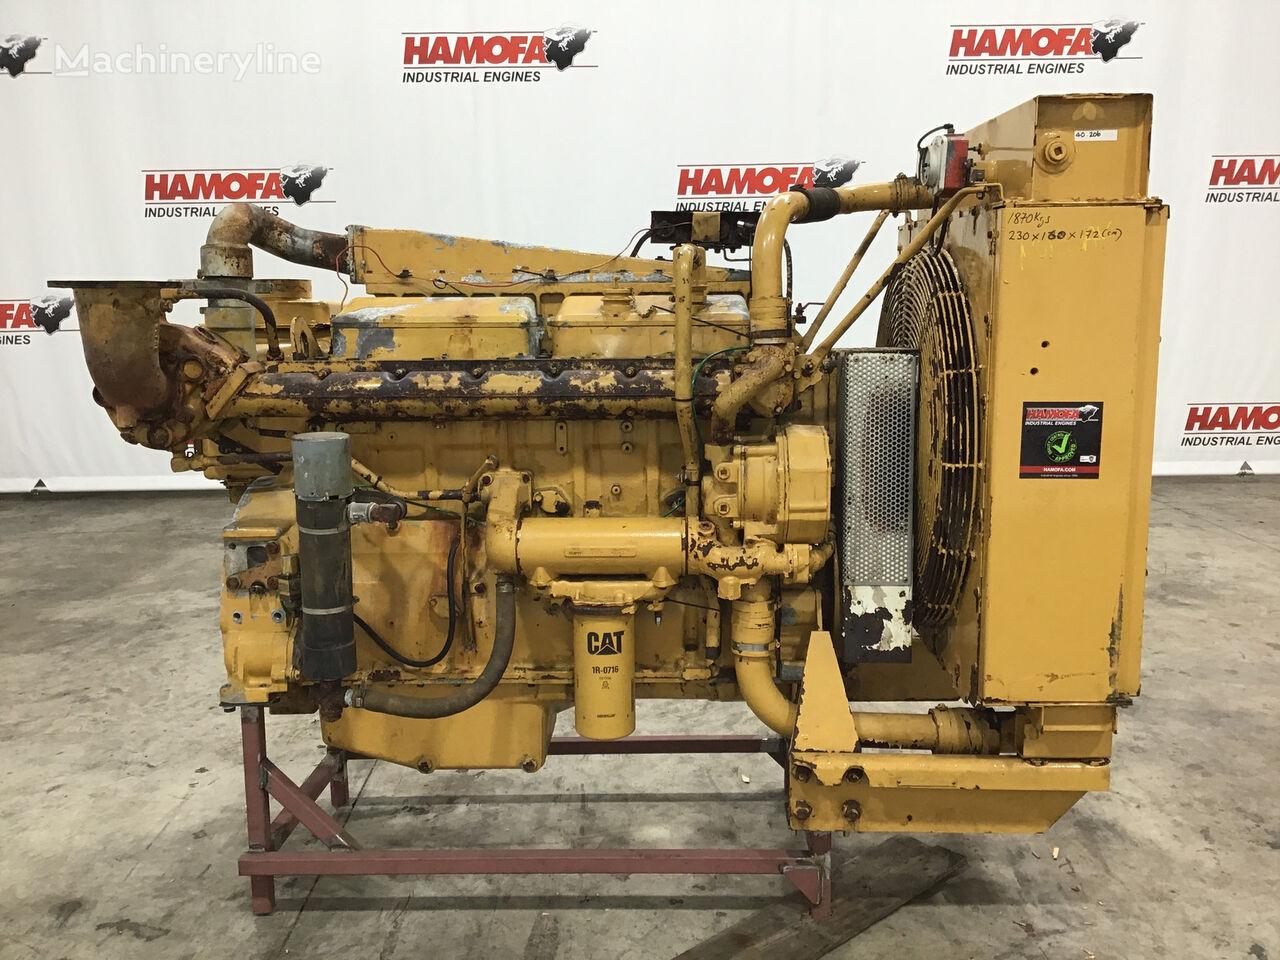 moteur CATERPILLAR 3406 90U-6N4995 USED pour autre groupe électrogène